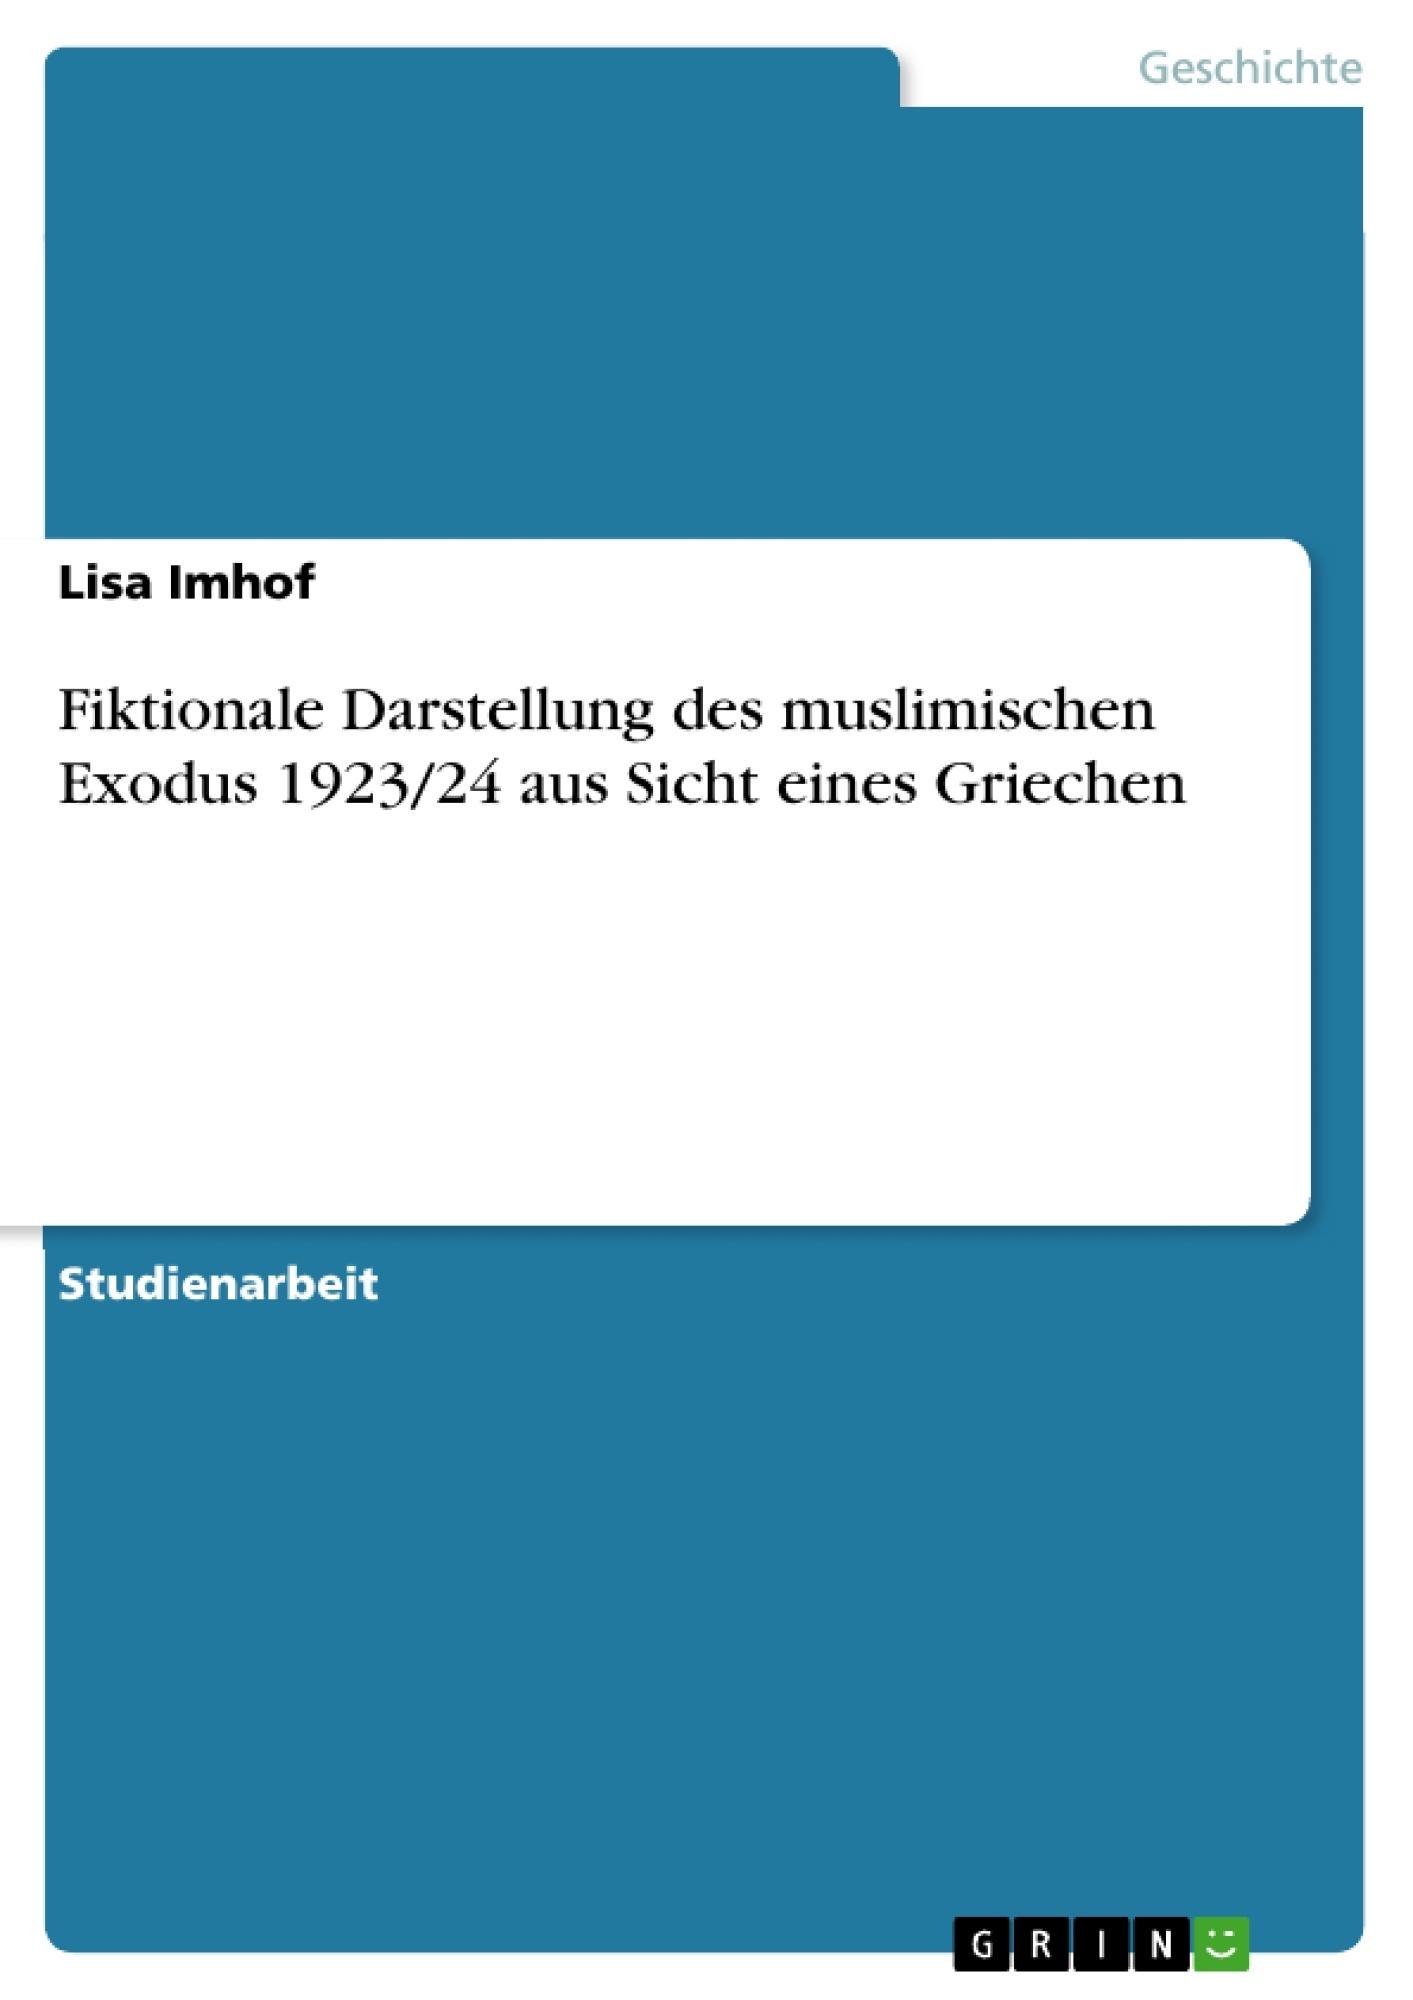 Titel: Fiktionale Darstellung des muslimischen Exodus 1923/24 aus Sicht eines Griechen